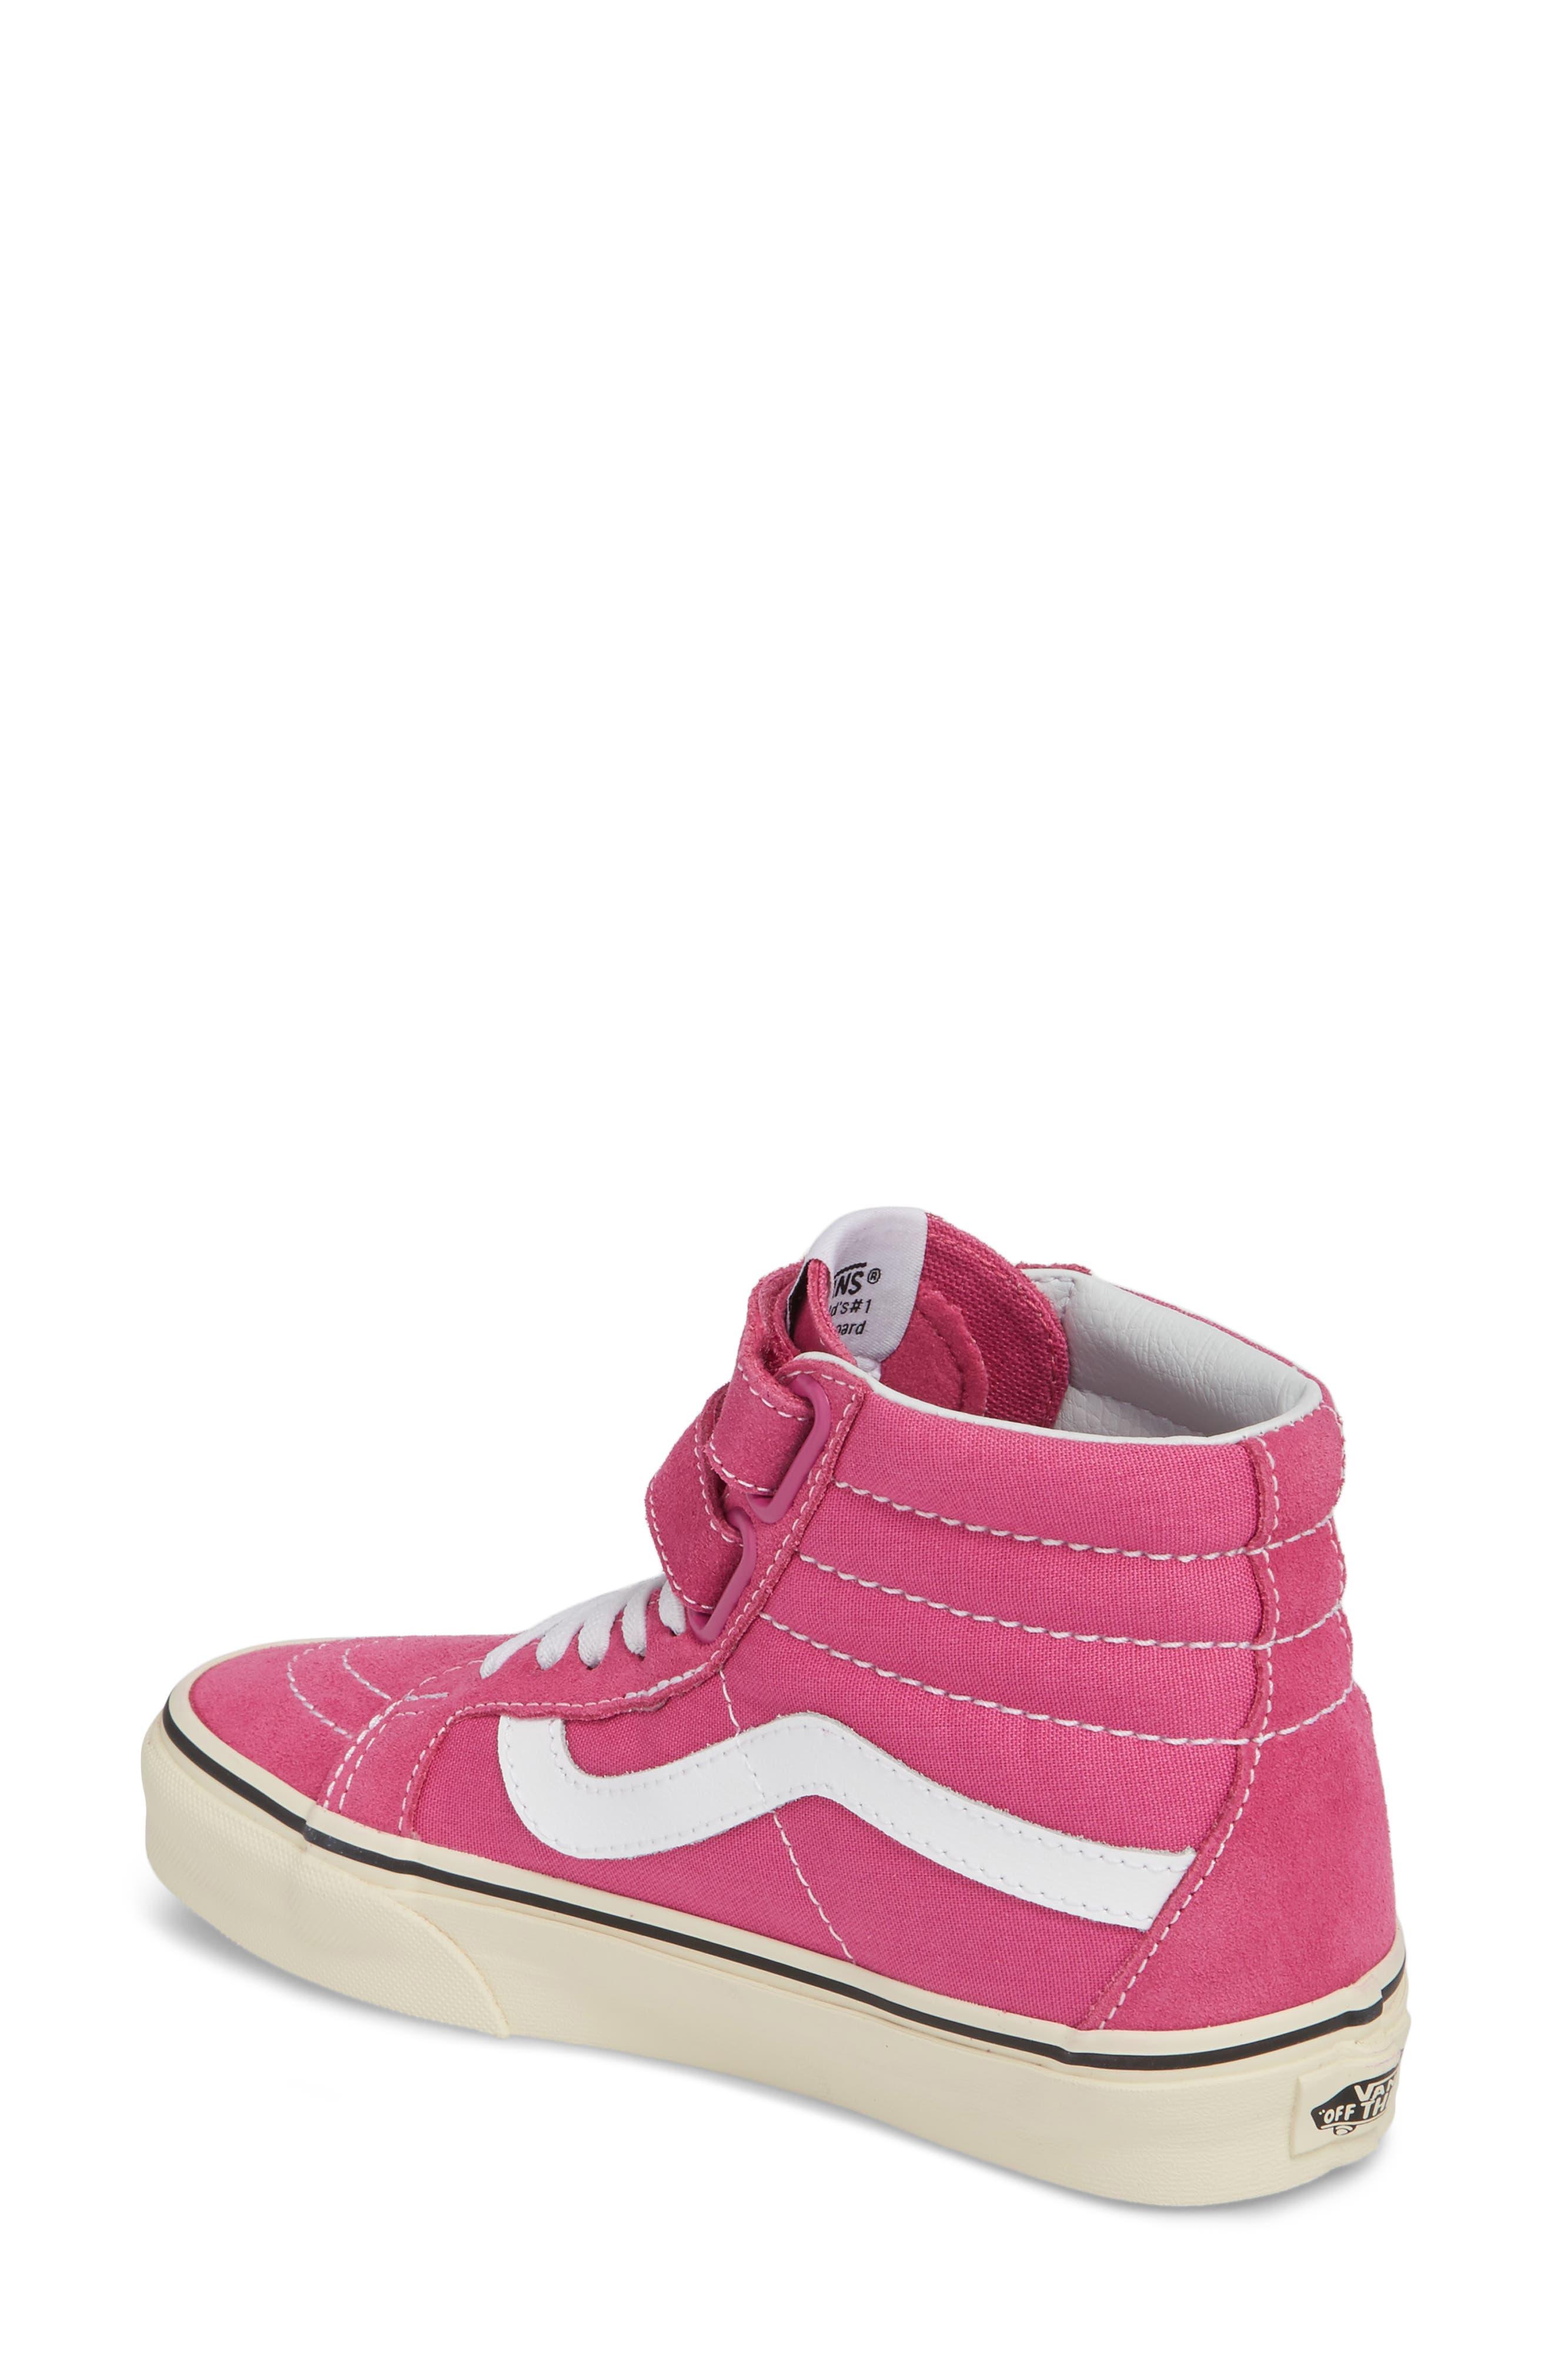 Sk8-Hi Reissue Sneaker,                             Alternate thumbnail 2, color,                             Raspberry Rose/ Turtledove